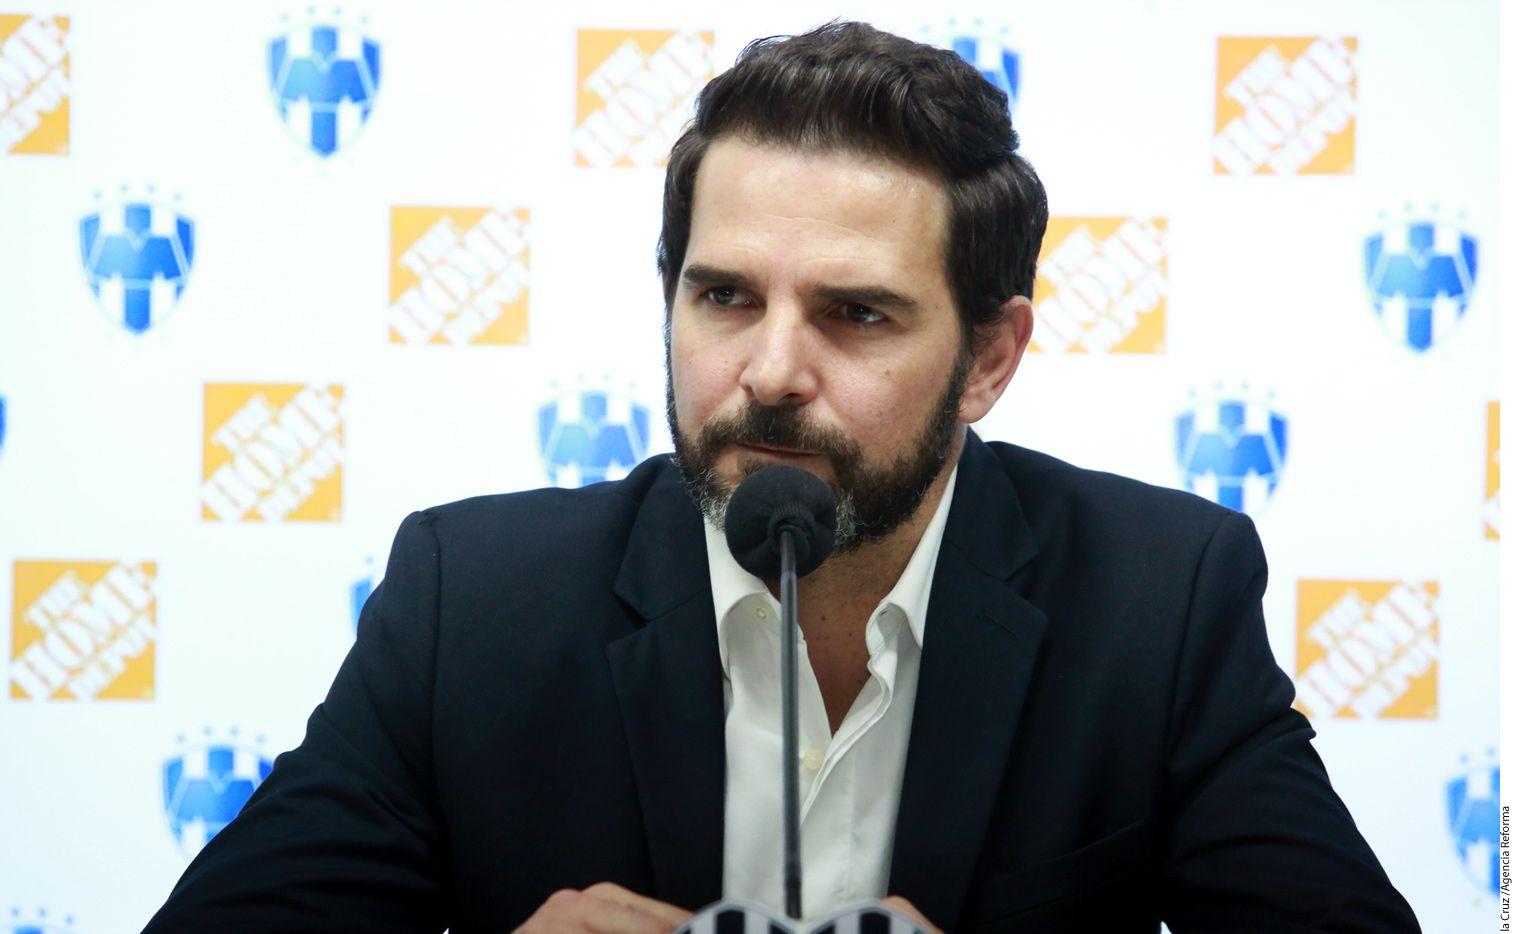 Duilio Davino, quien fue jugador de los Rayados, entre 2009 y 2011, agradeció la oportunidad y se dijo preparado para el puesto como nuevo presidente de los Rayados./ AGENCIA REFORMA